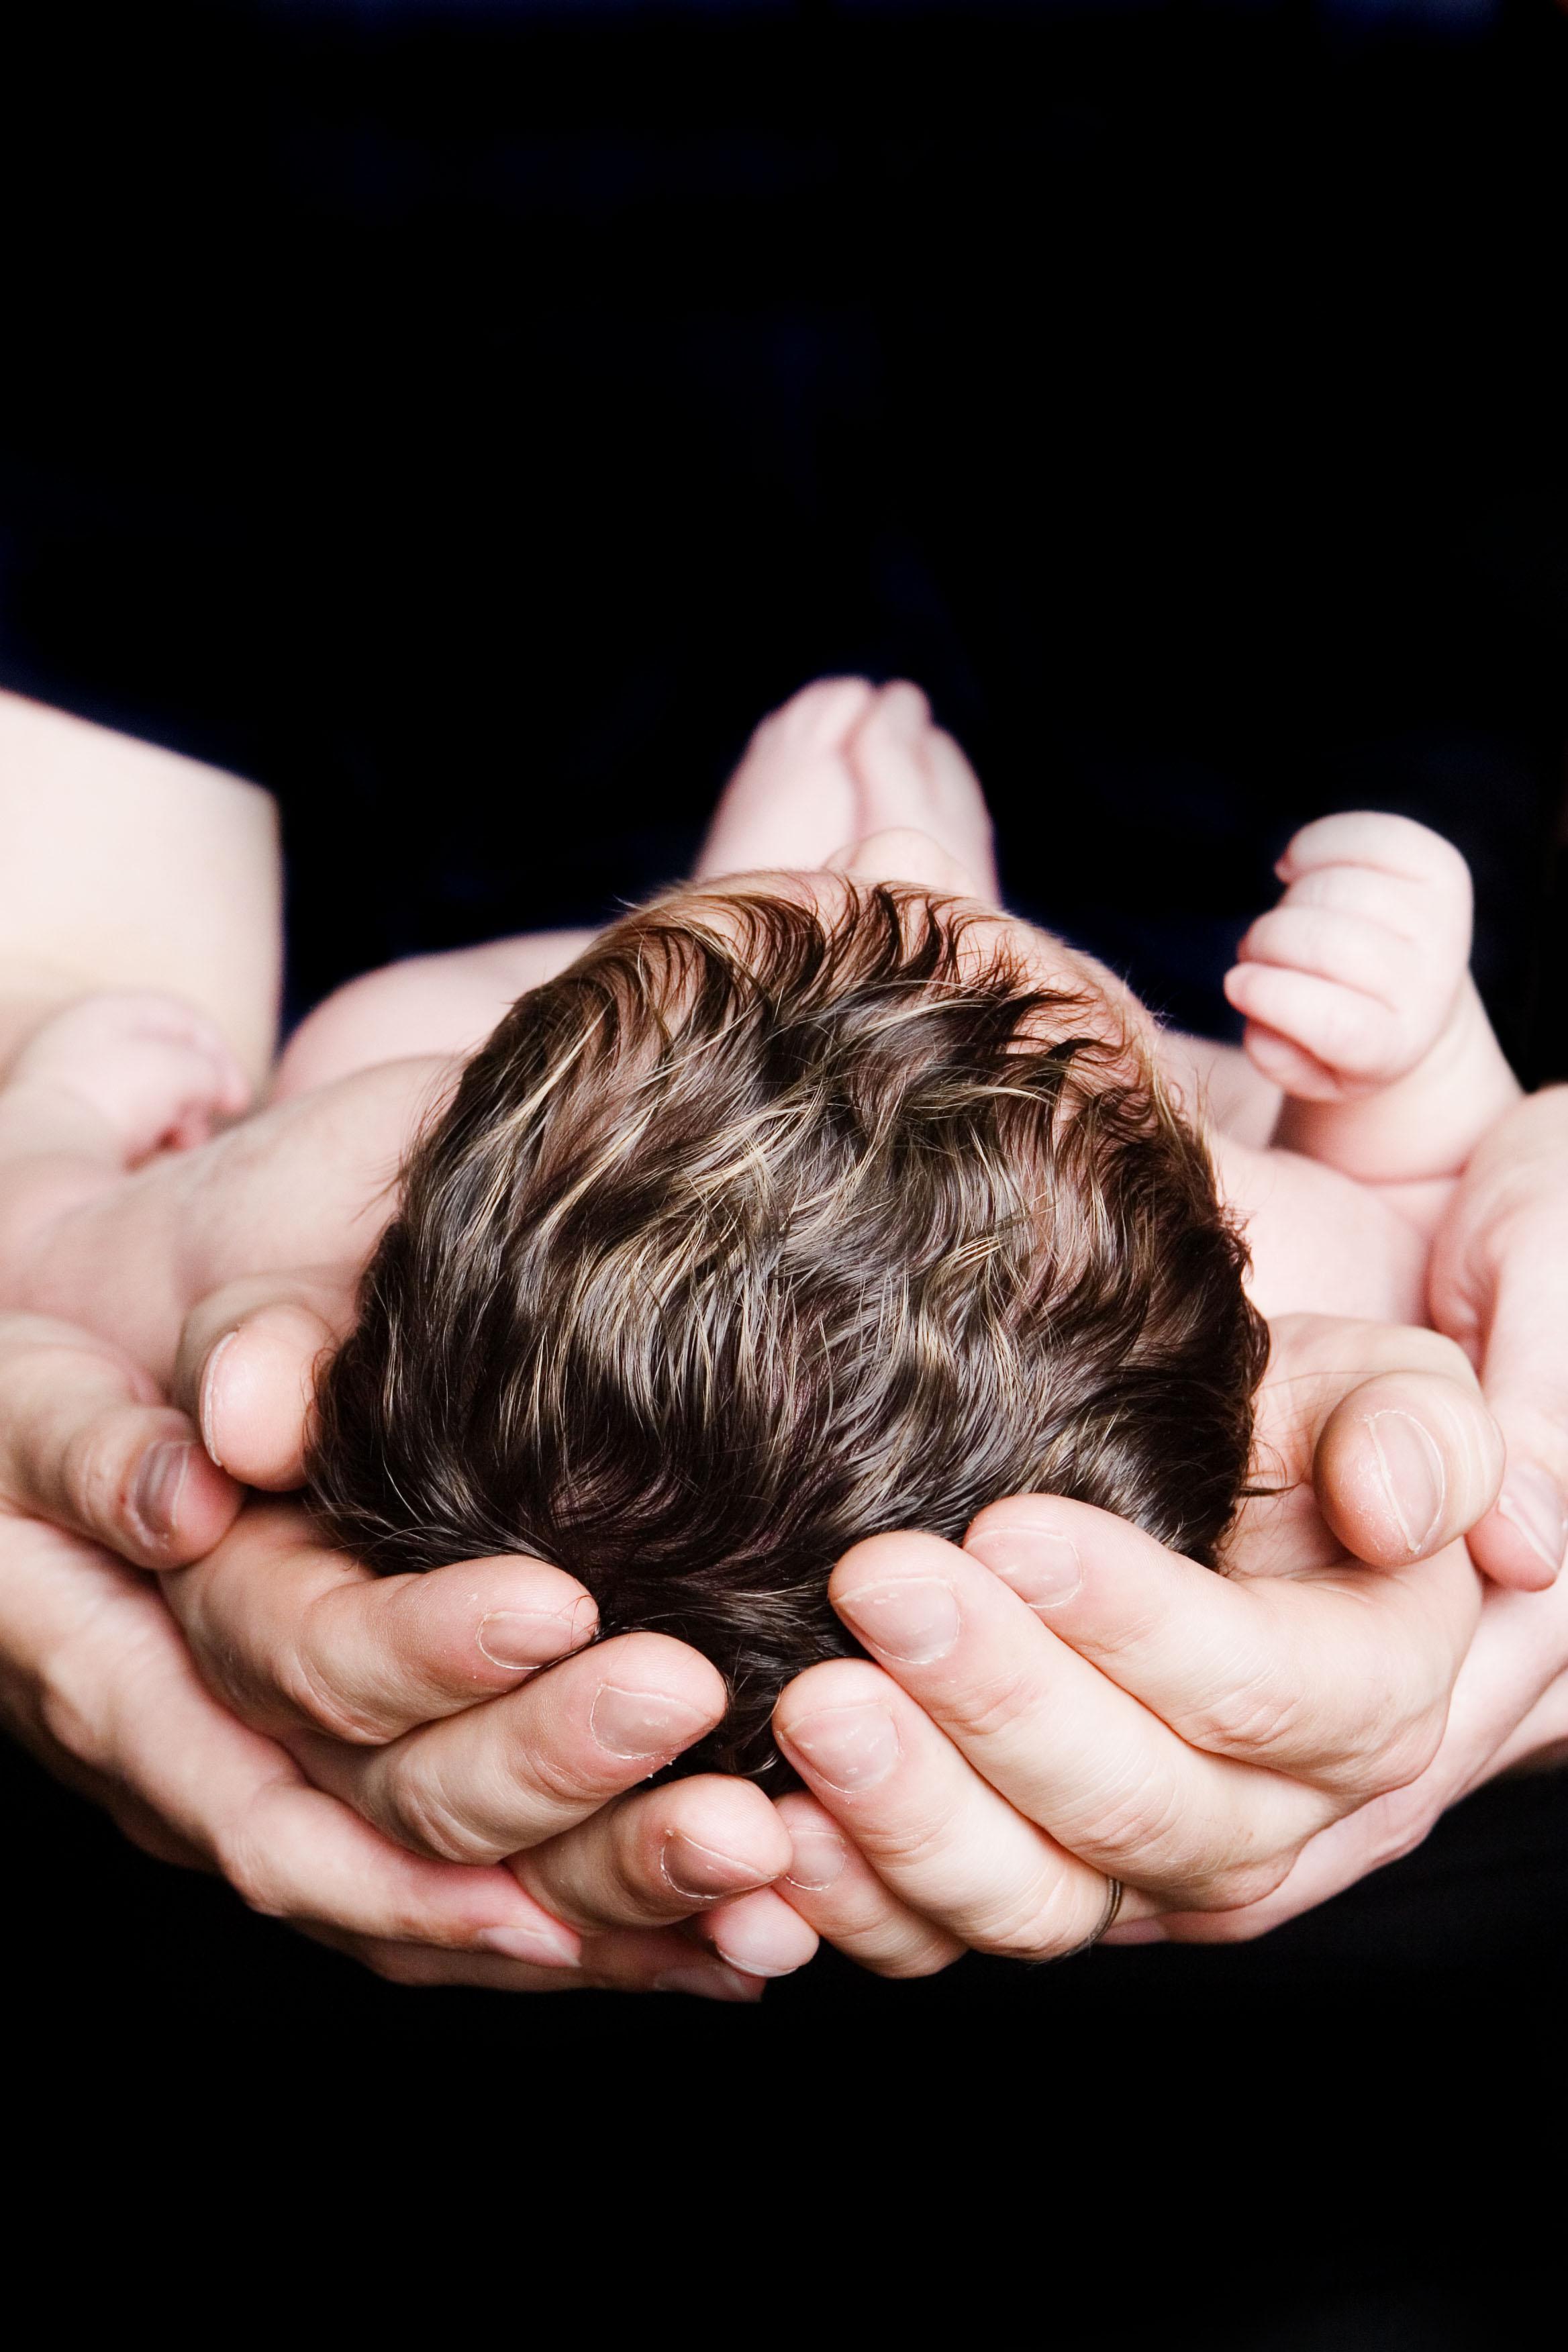 newbornphotographynearmelansingmichiganokemosmichiganmotherfatherbabymommyandmeblackbackground.jpg